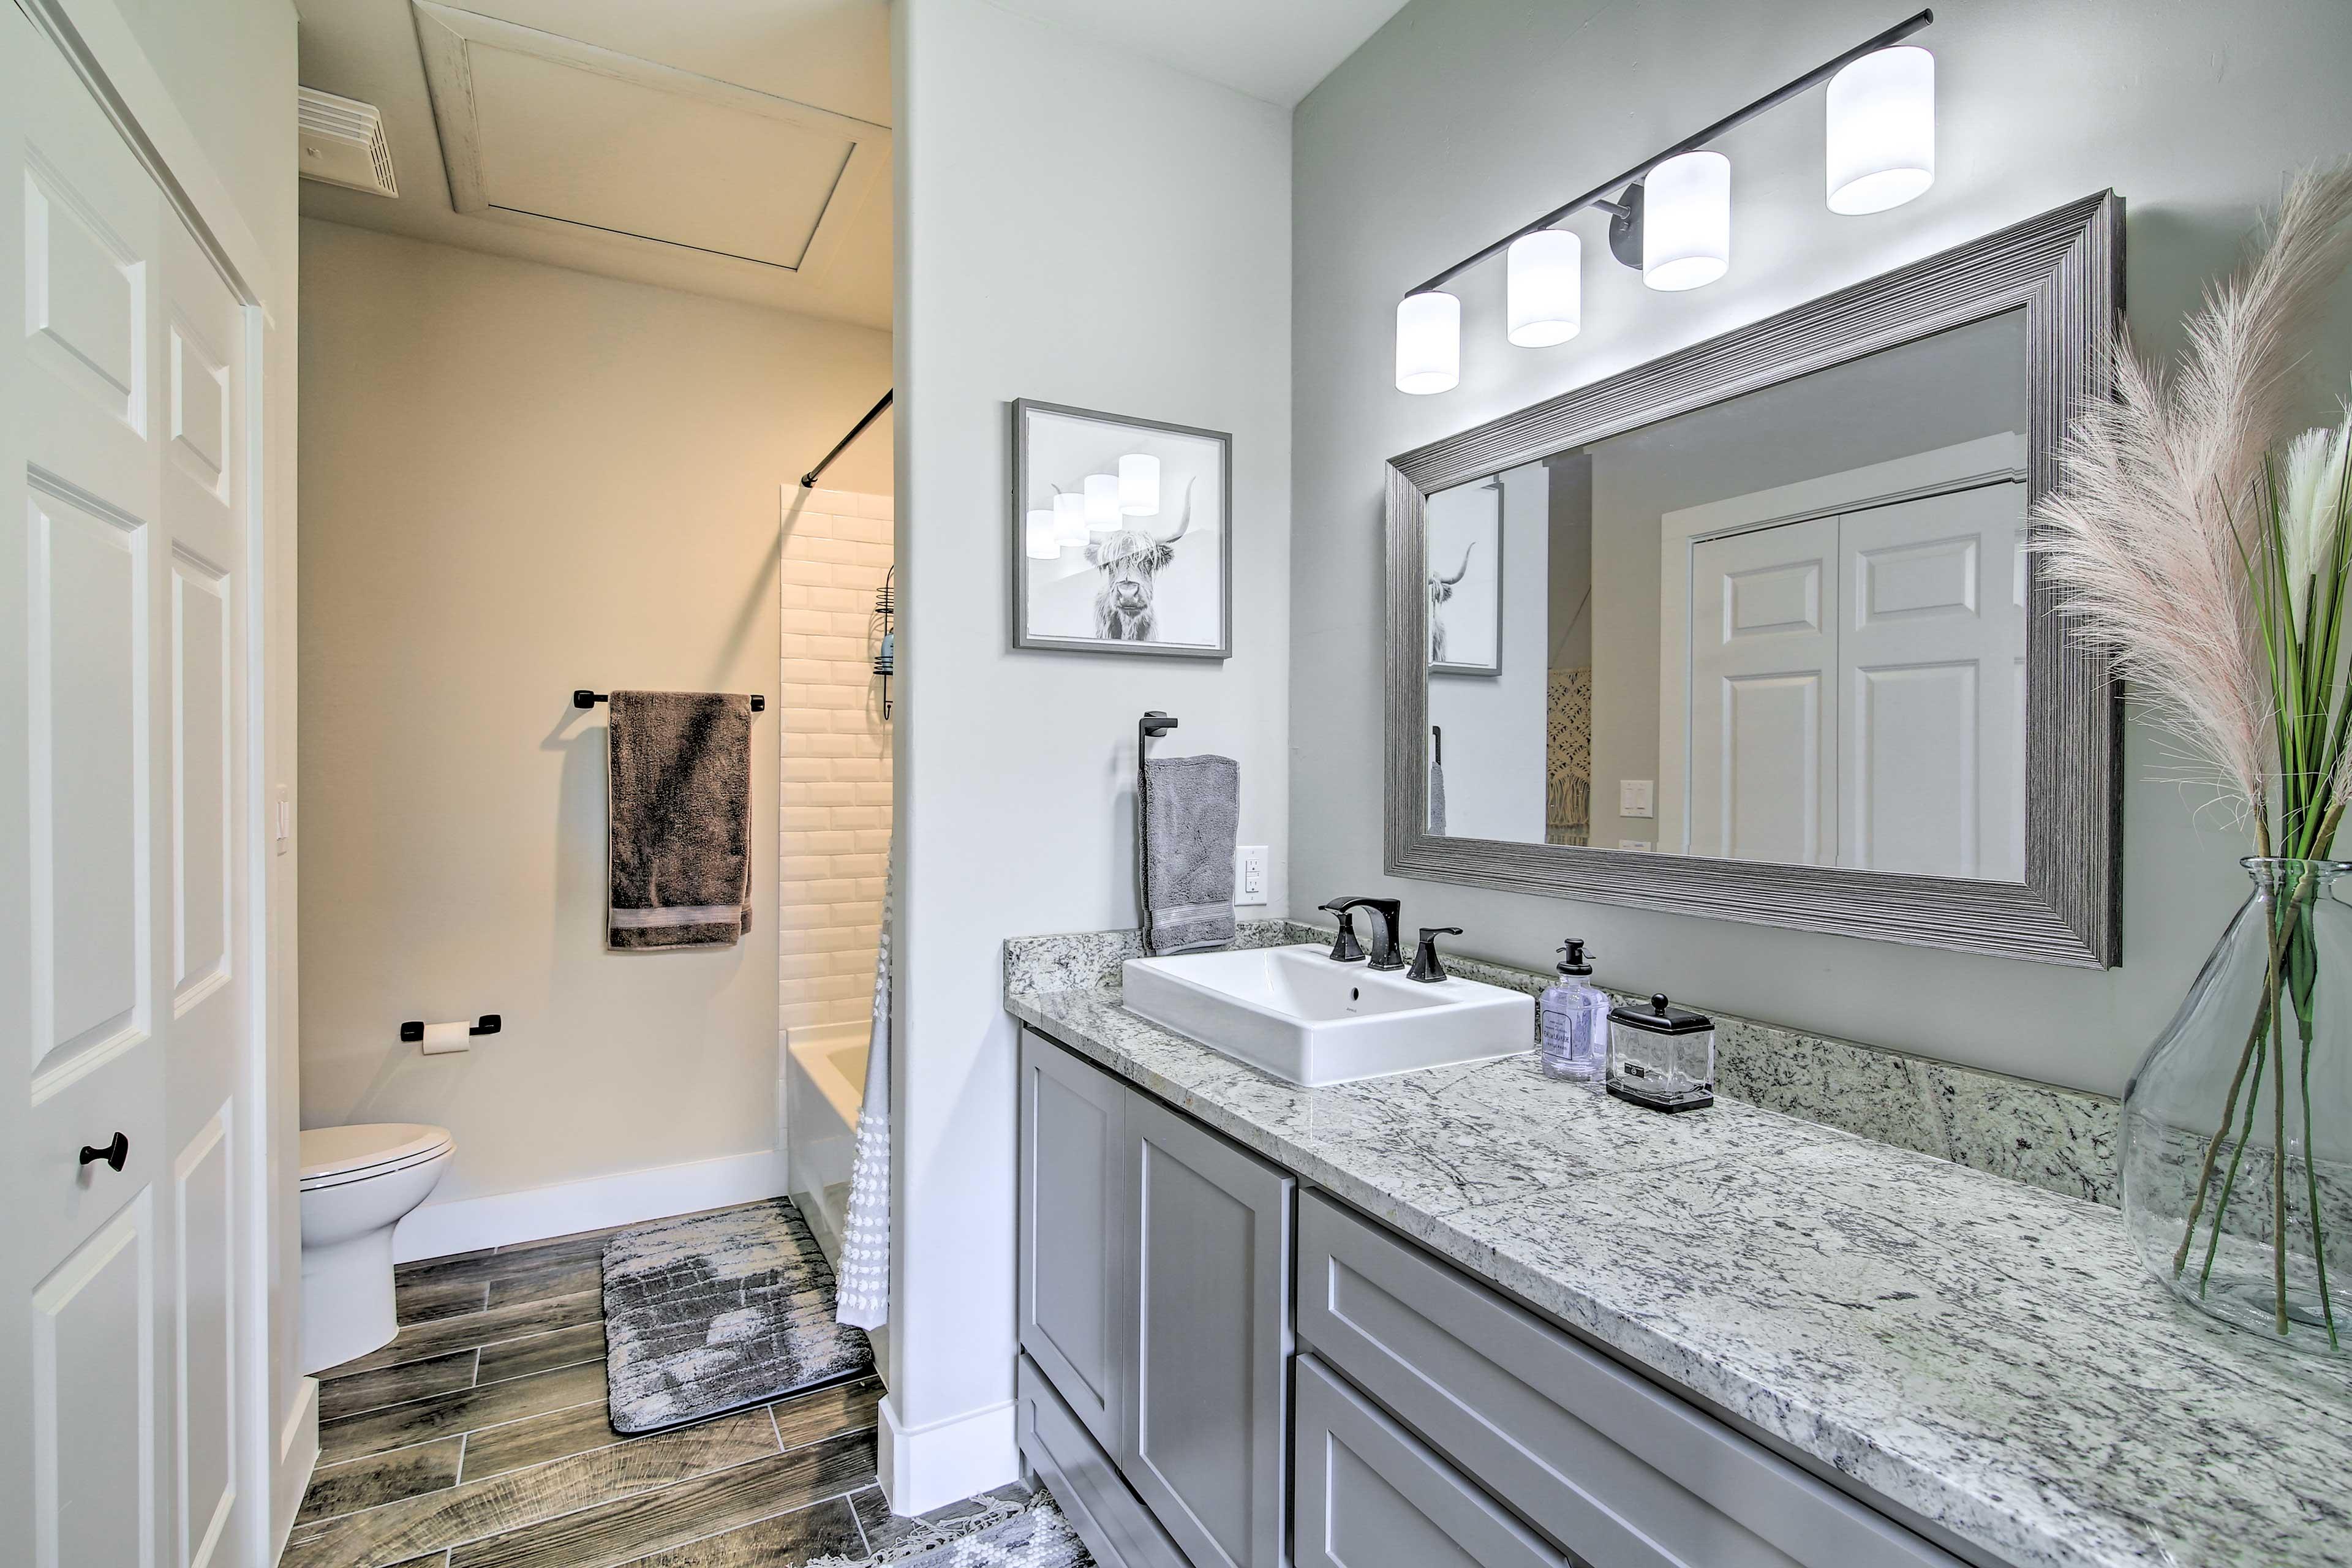 Bathroom | Complimentary Toiletries | Hair Dryer